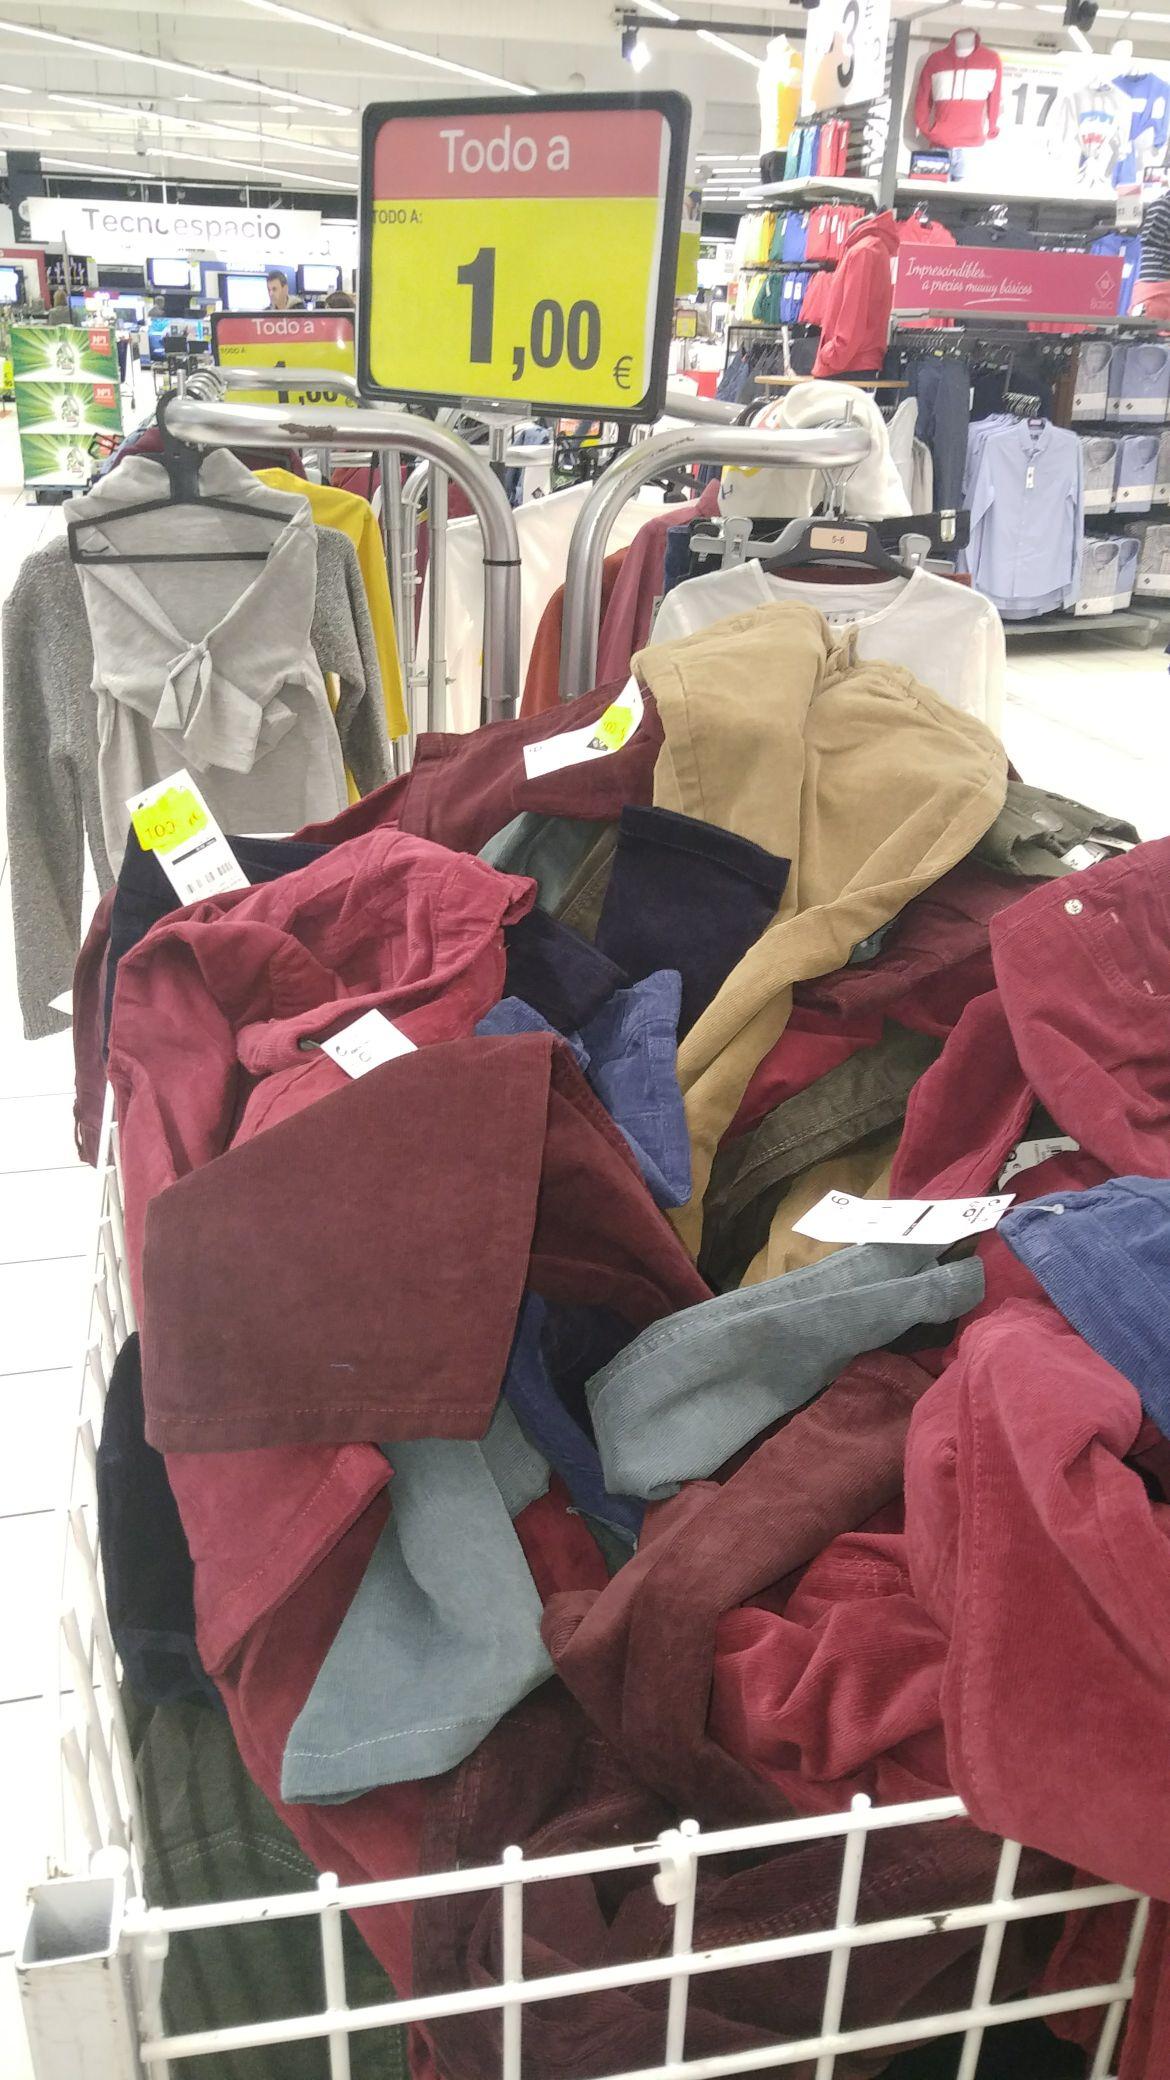 Todo a 1 euro ropa niñ@s Carrefour Vigo